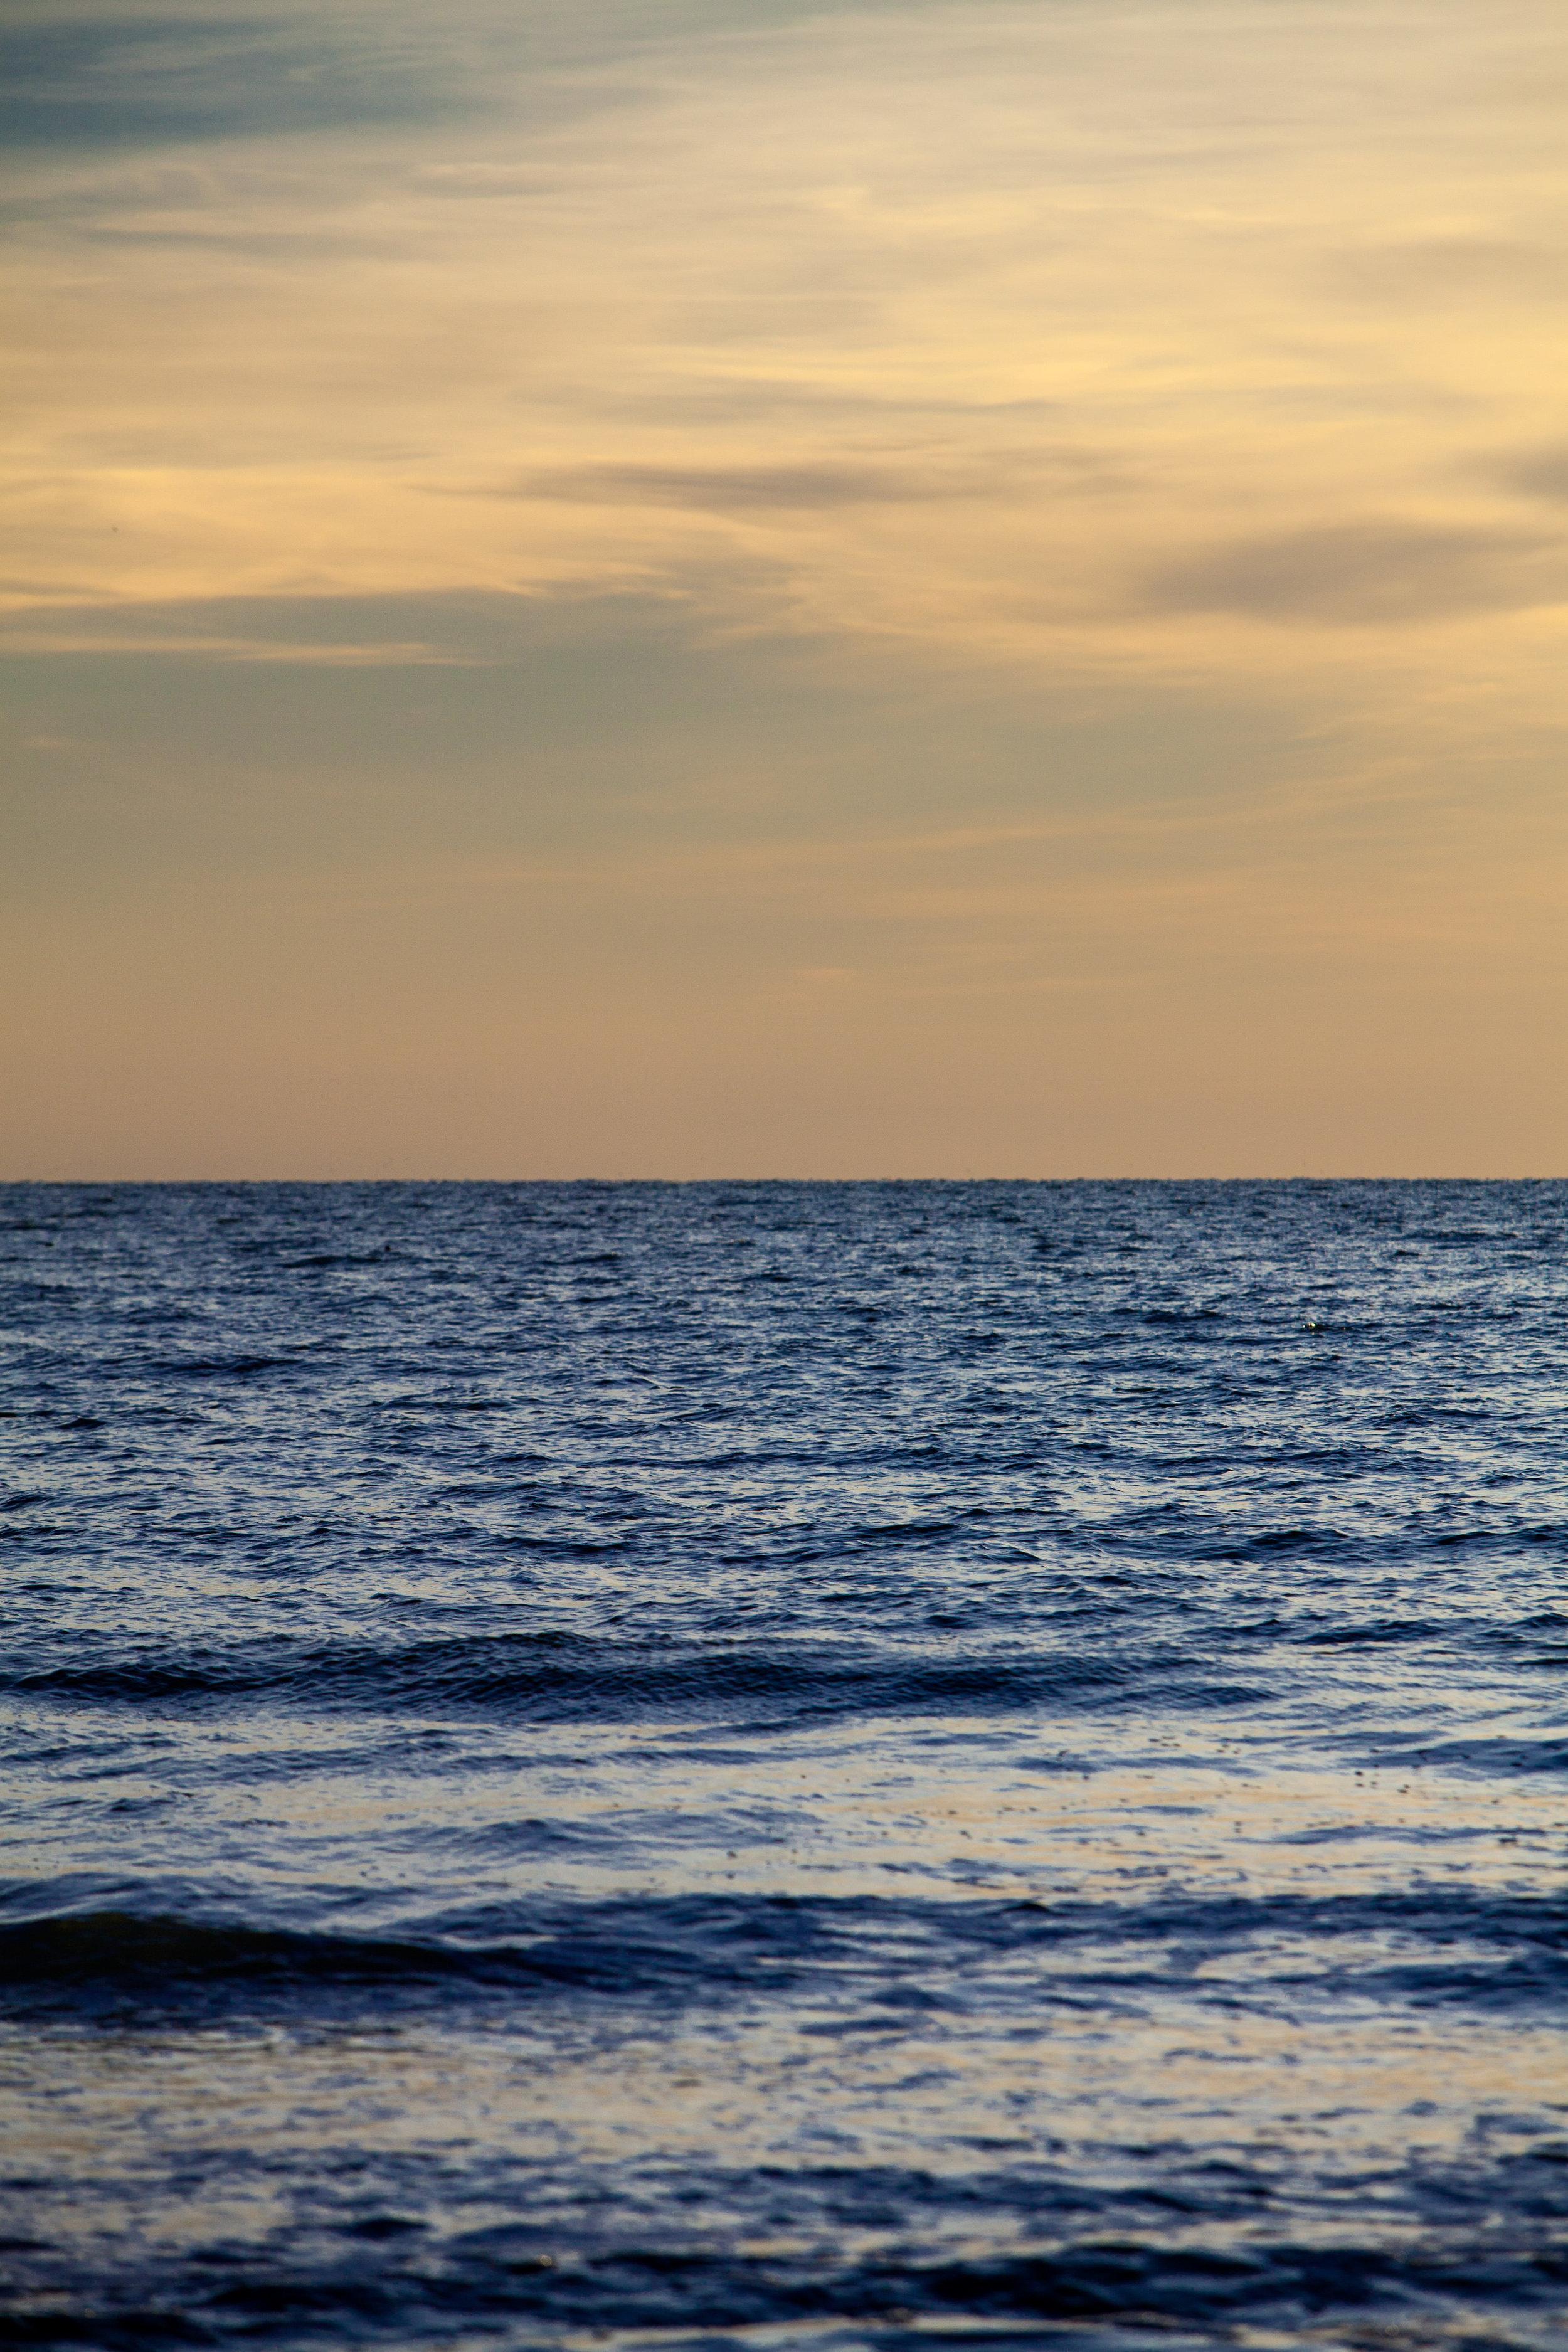 pining-ocean-1303-9614-smumug.jpg